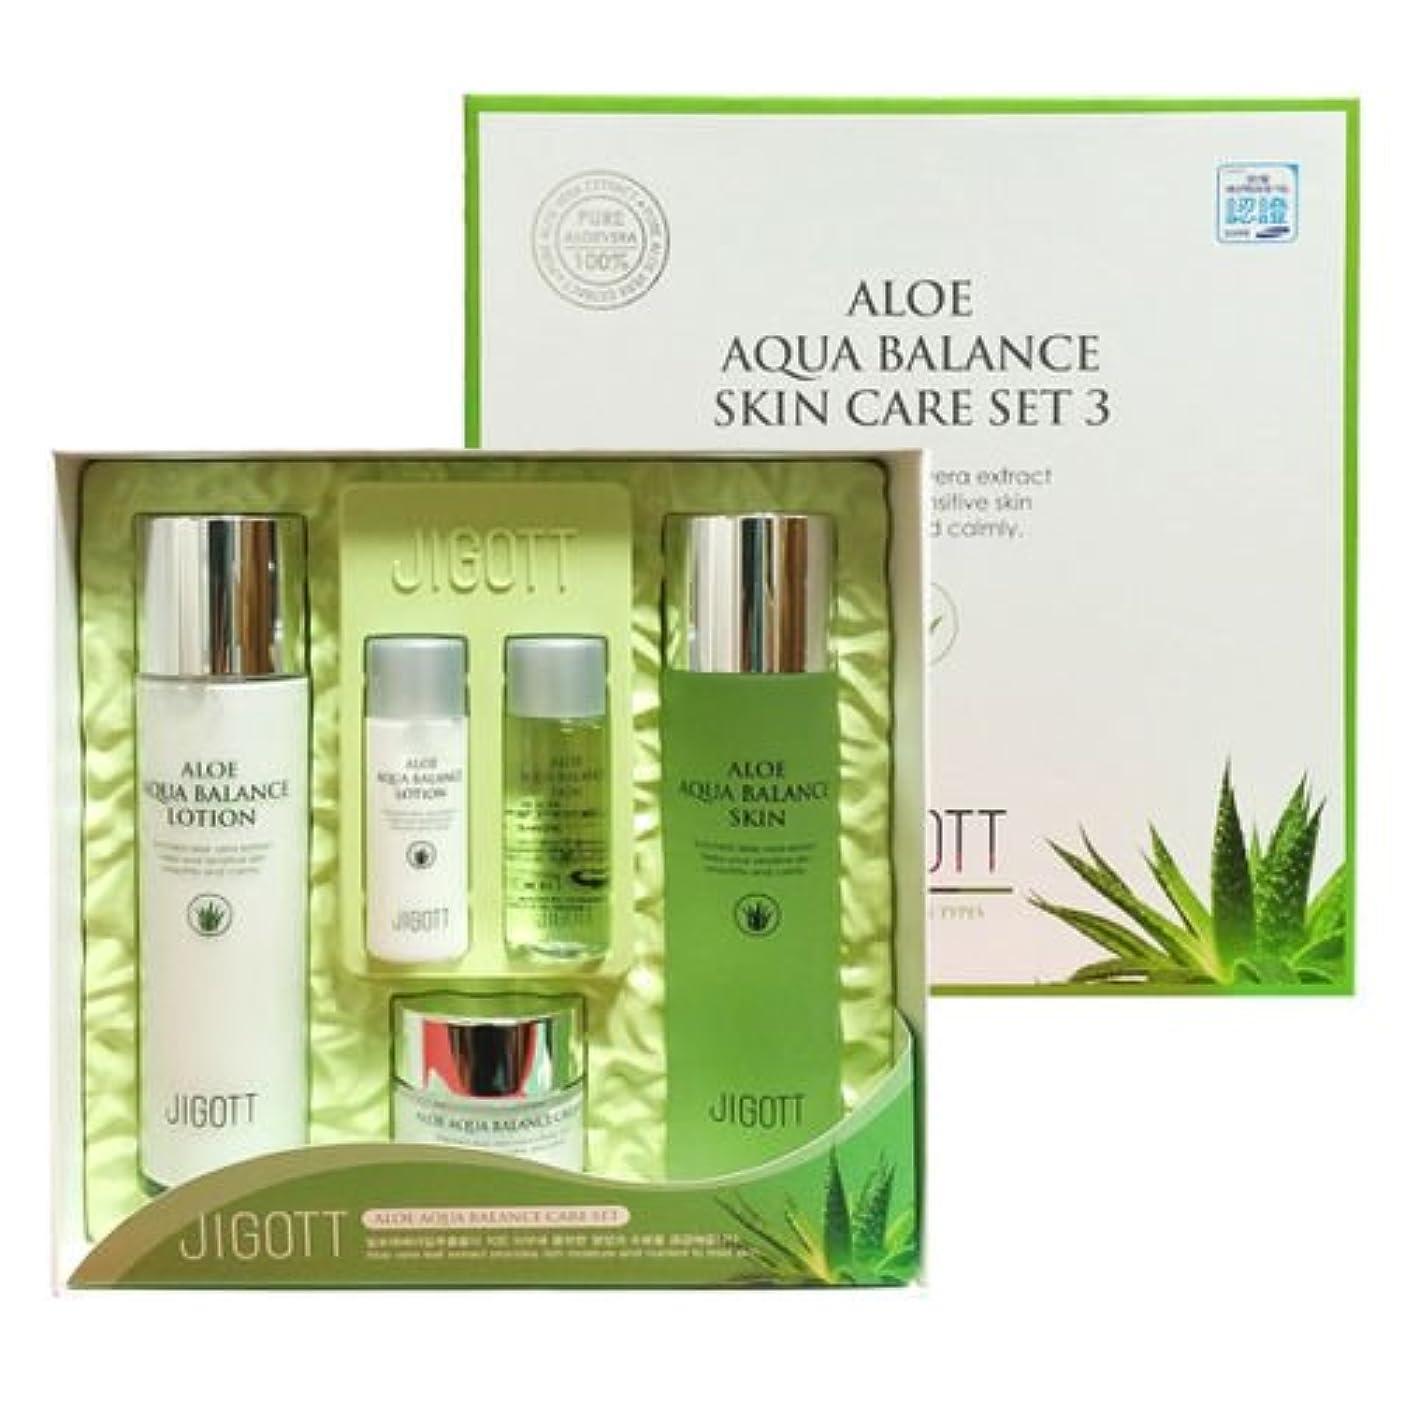 ぼかすバラバラにする右ジゴトゥ[韓国コスメJigott]Aloe Aqua Balance Skin Care 3 Set アロエアクアバランススキンケア3セット樹液,乳液,クリーム [並行輸入品]